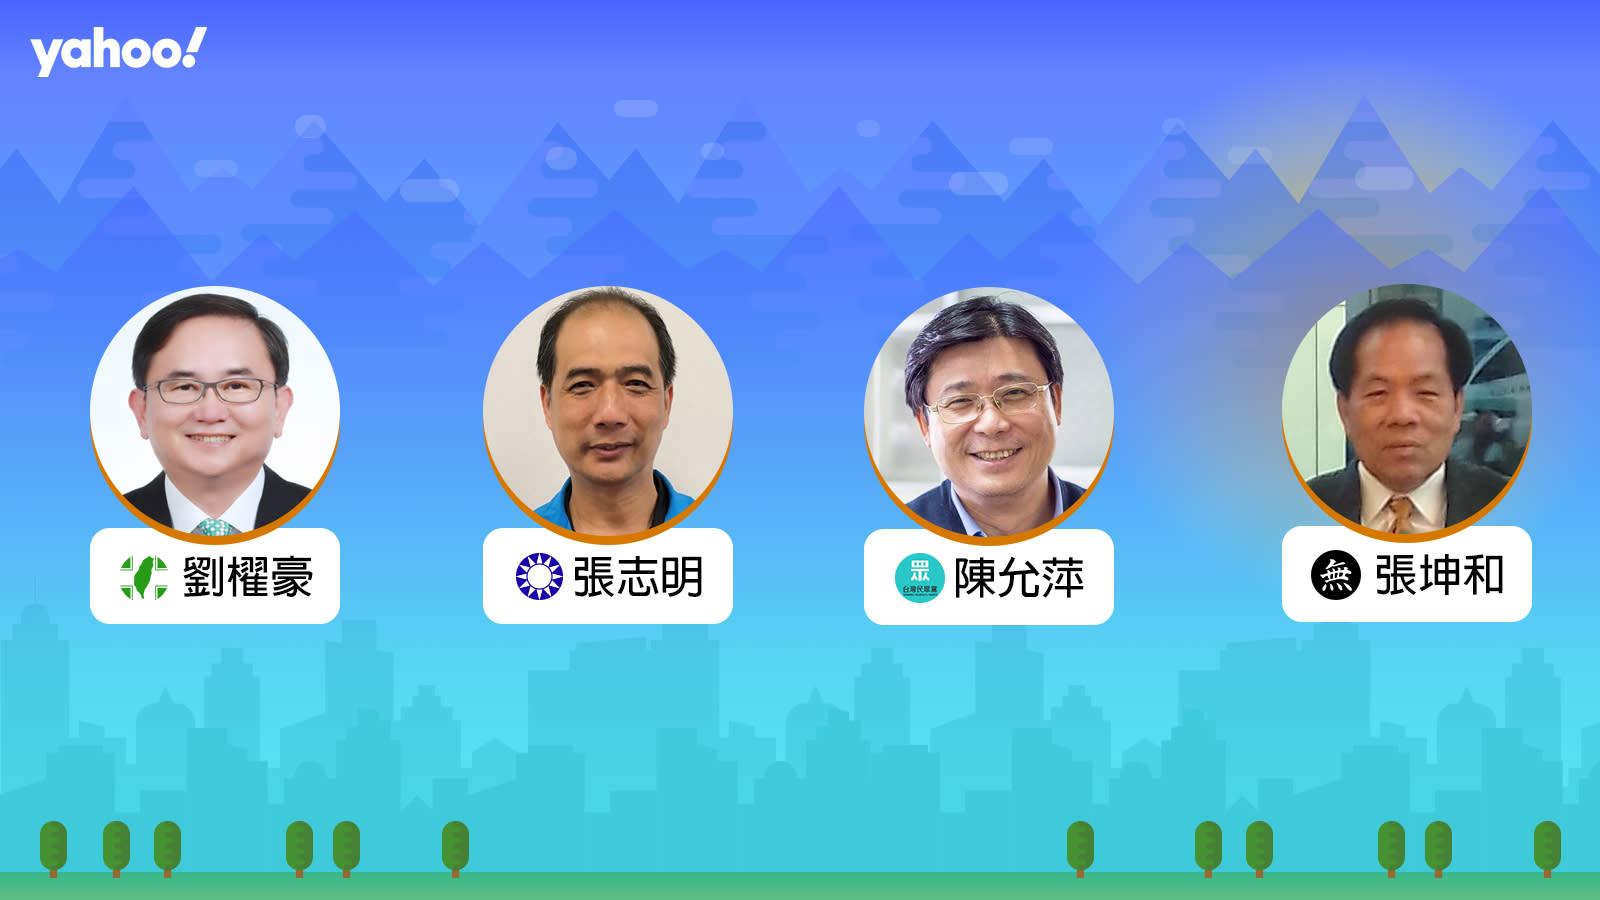 2020立委選舉台東縣選區,你支持誰?